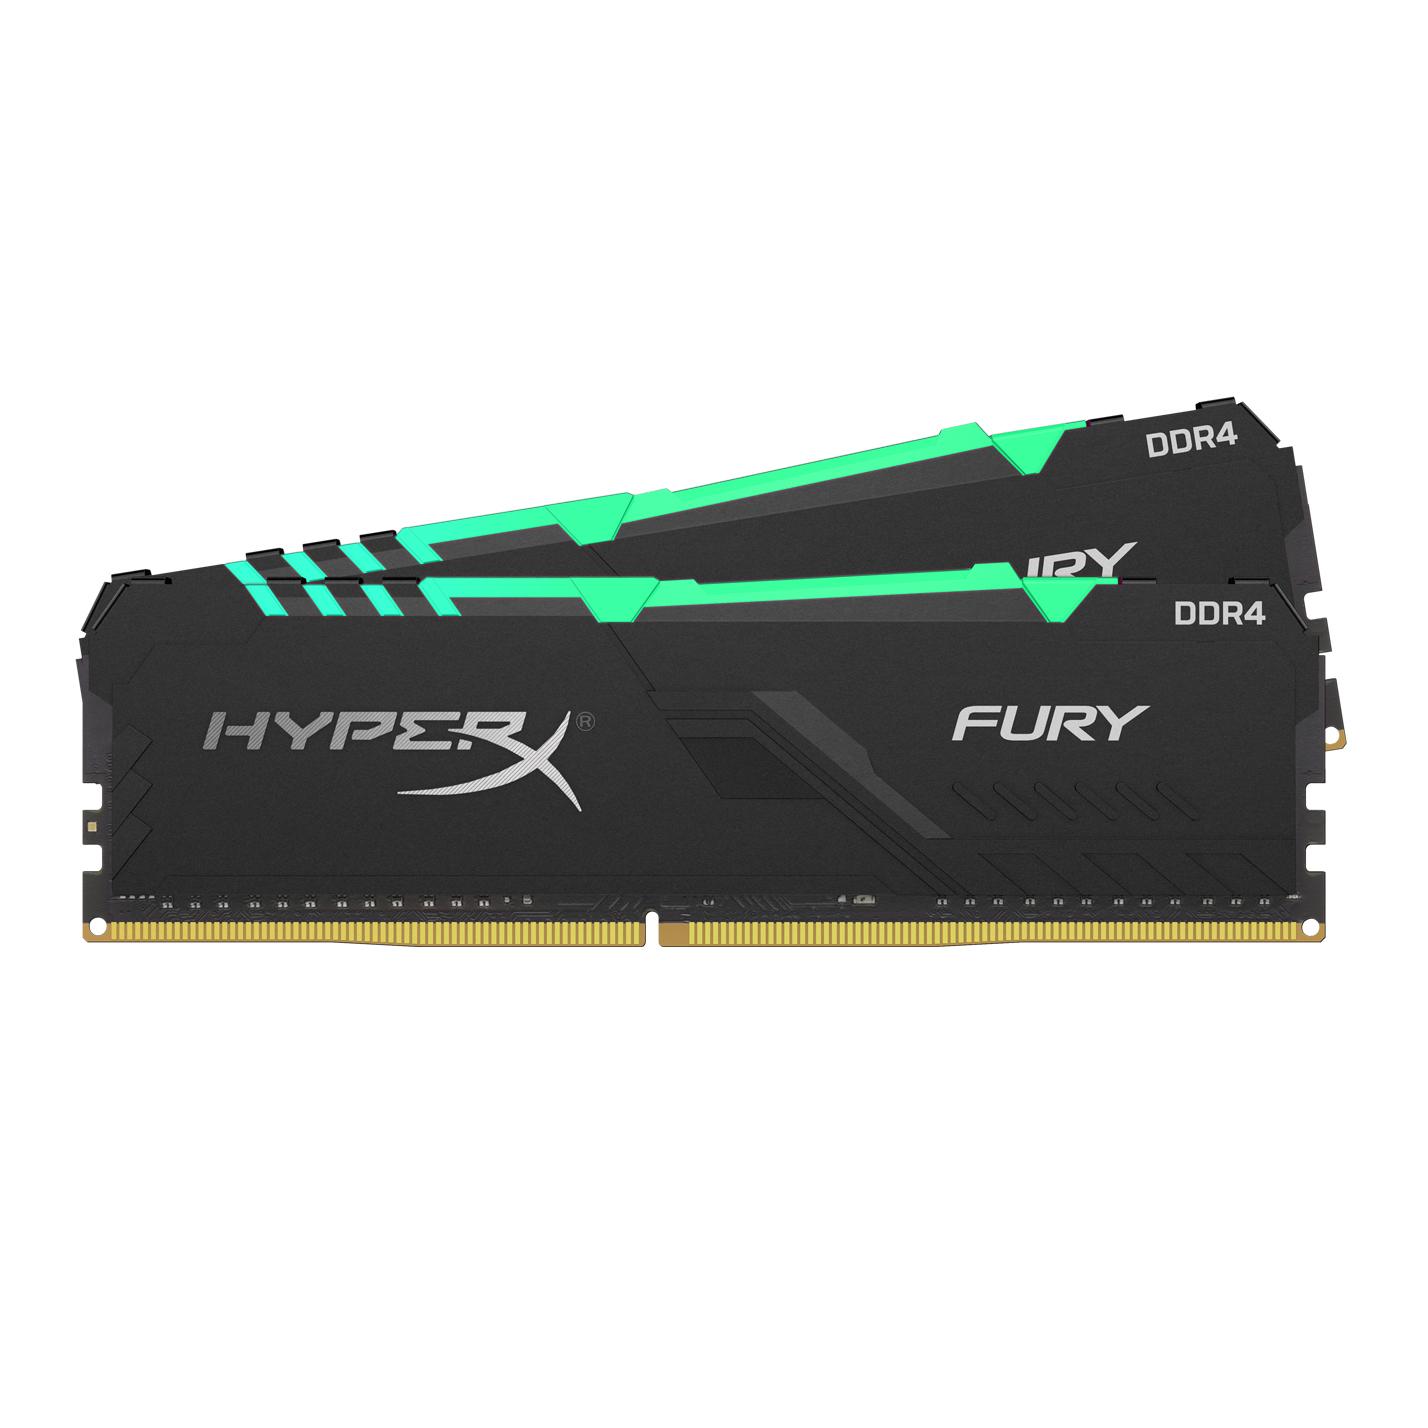 HYPERX FURY HX430C15FB3AK2/32 MEMORY MODULE 32 GB DDR4 3000 MHZ